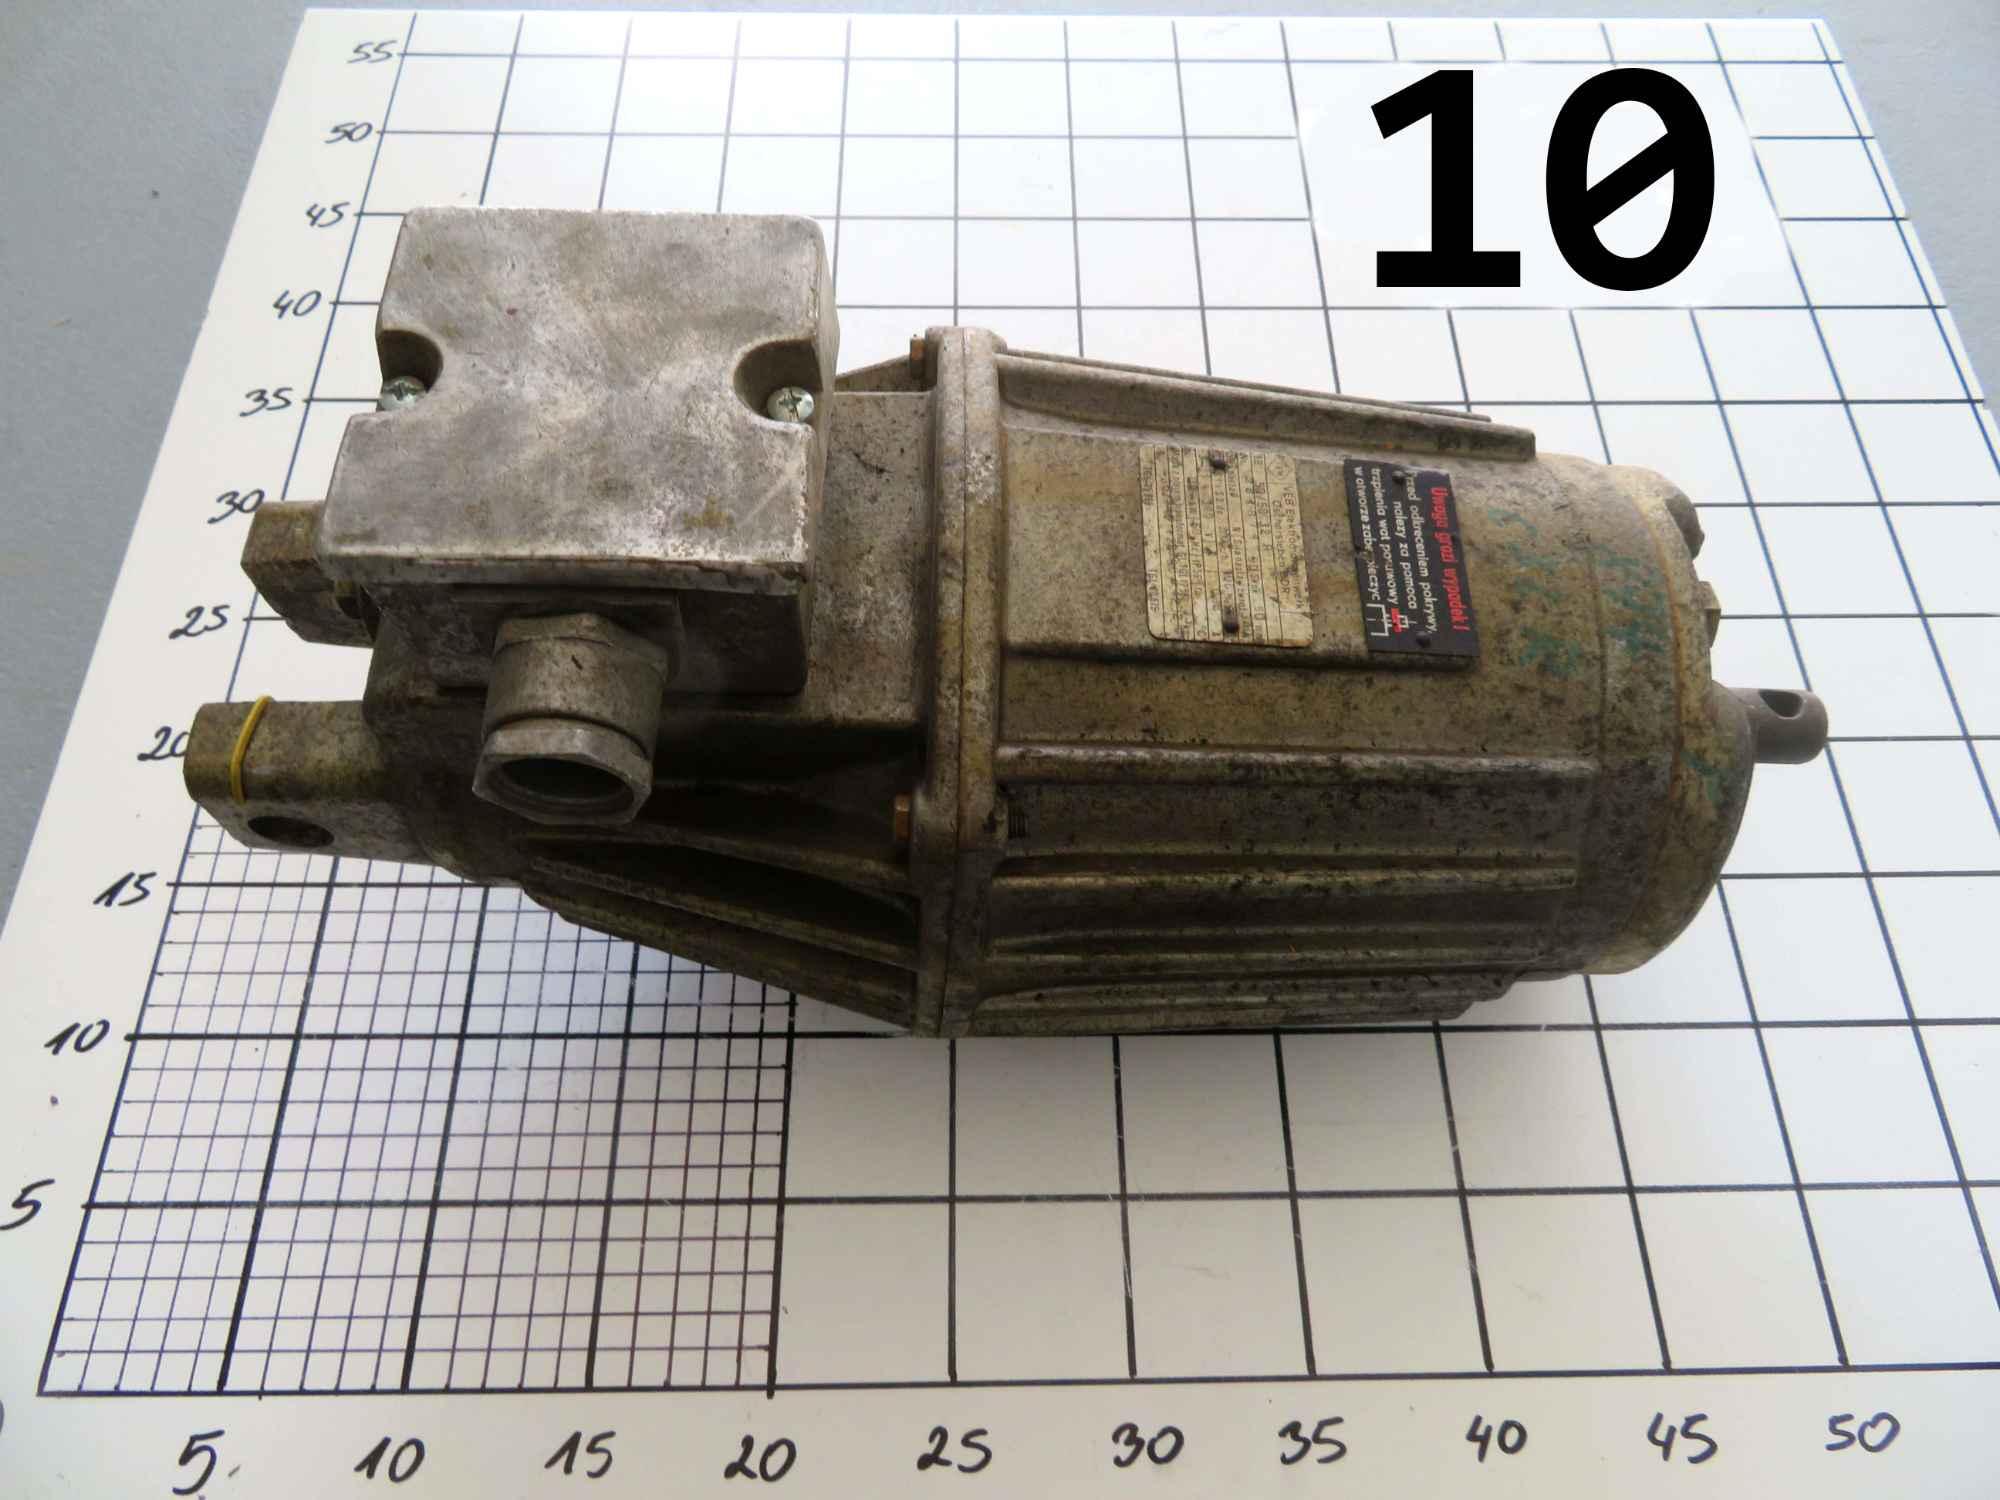 Części do żurawia ŻB 75/100, dźwig, elementy używane Luboń - zdjęcie 11